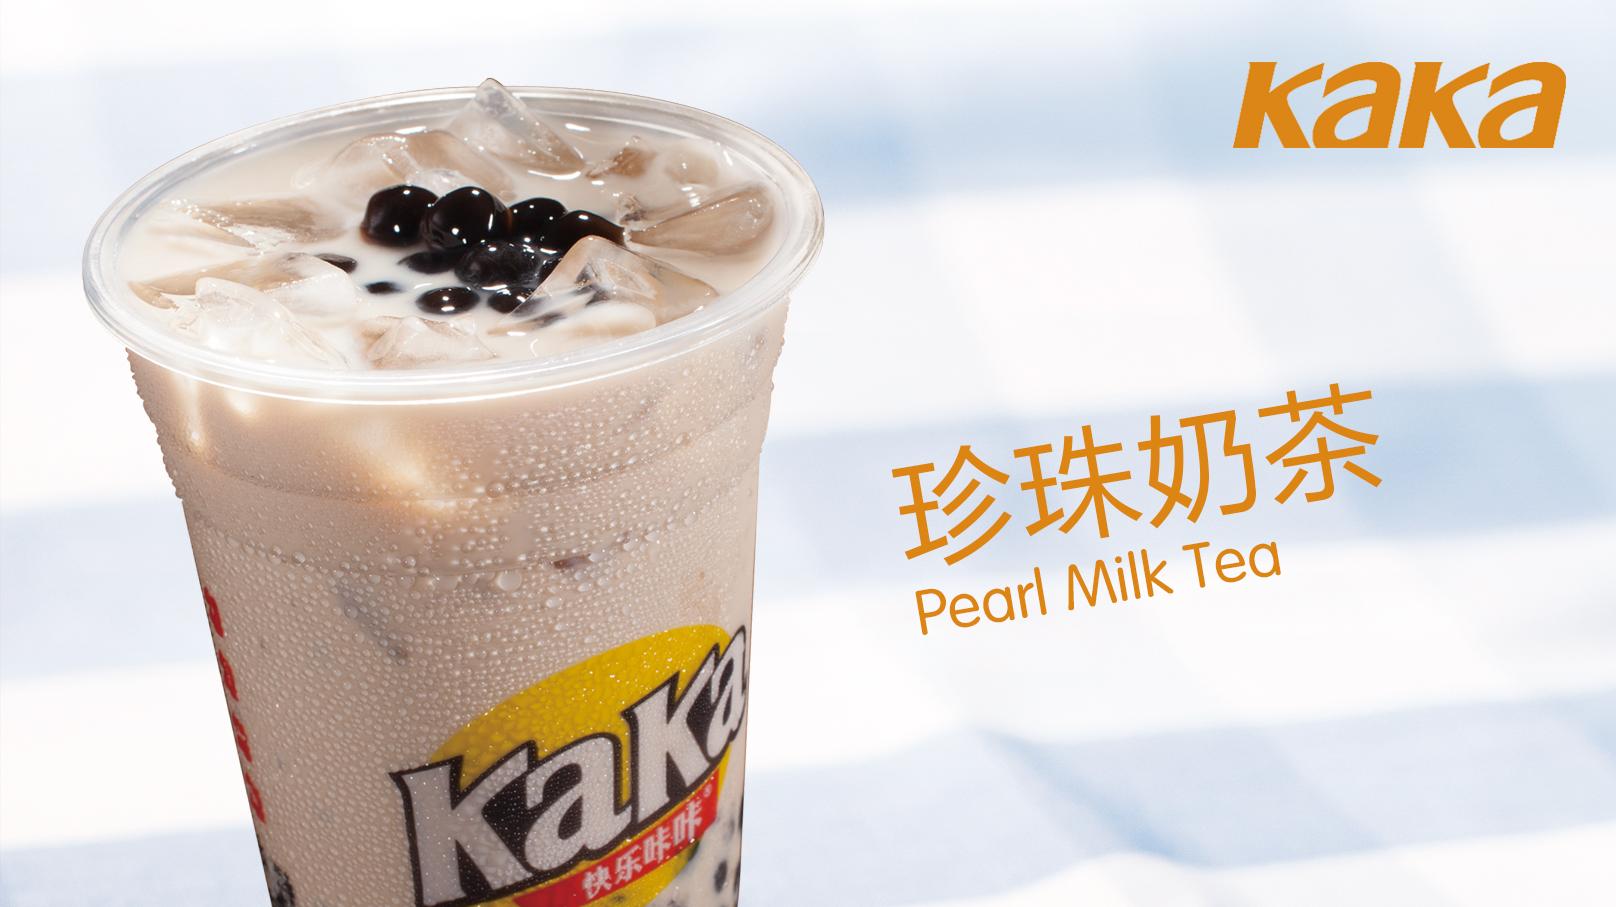 快乐KaKa奶茶-经典奶茶